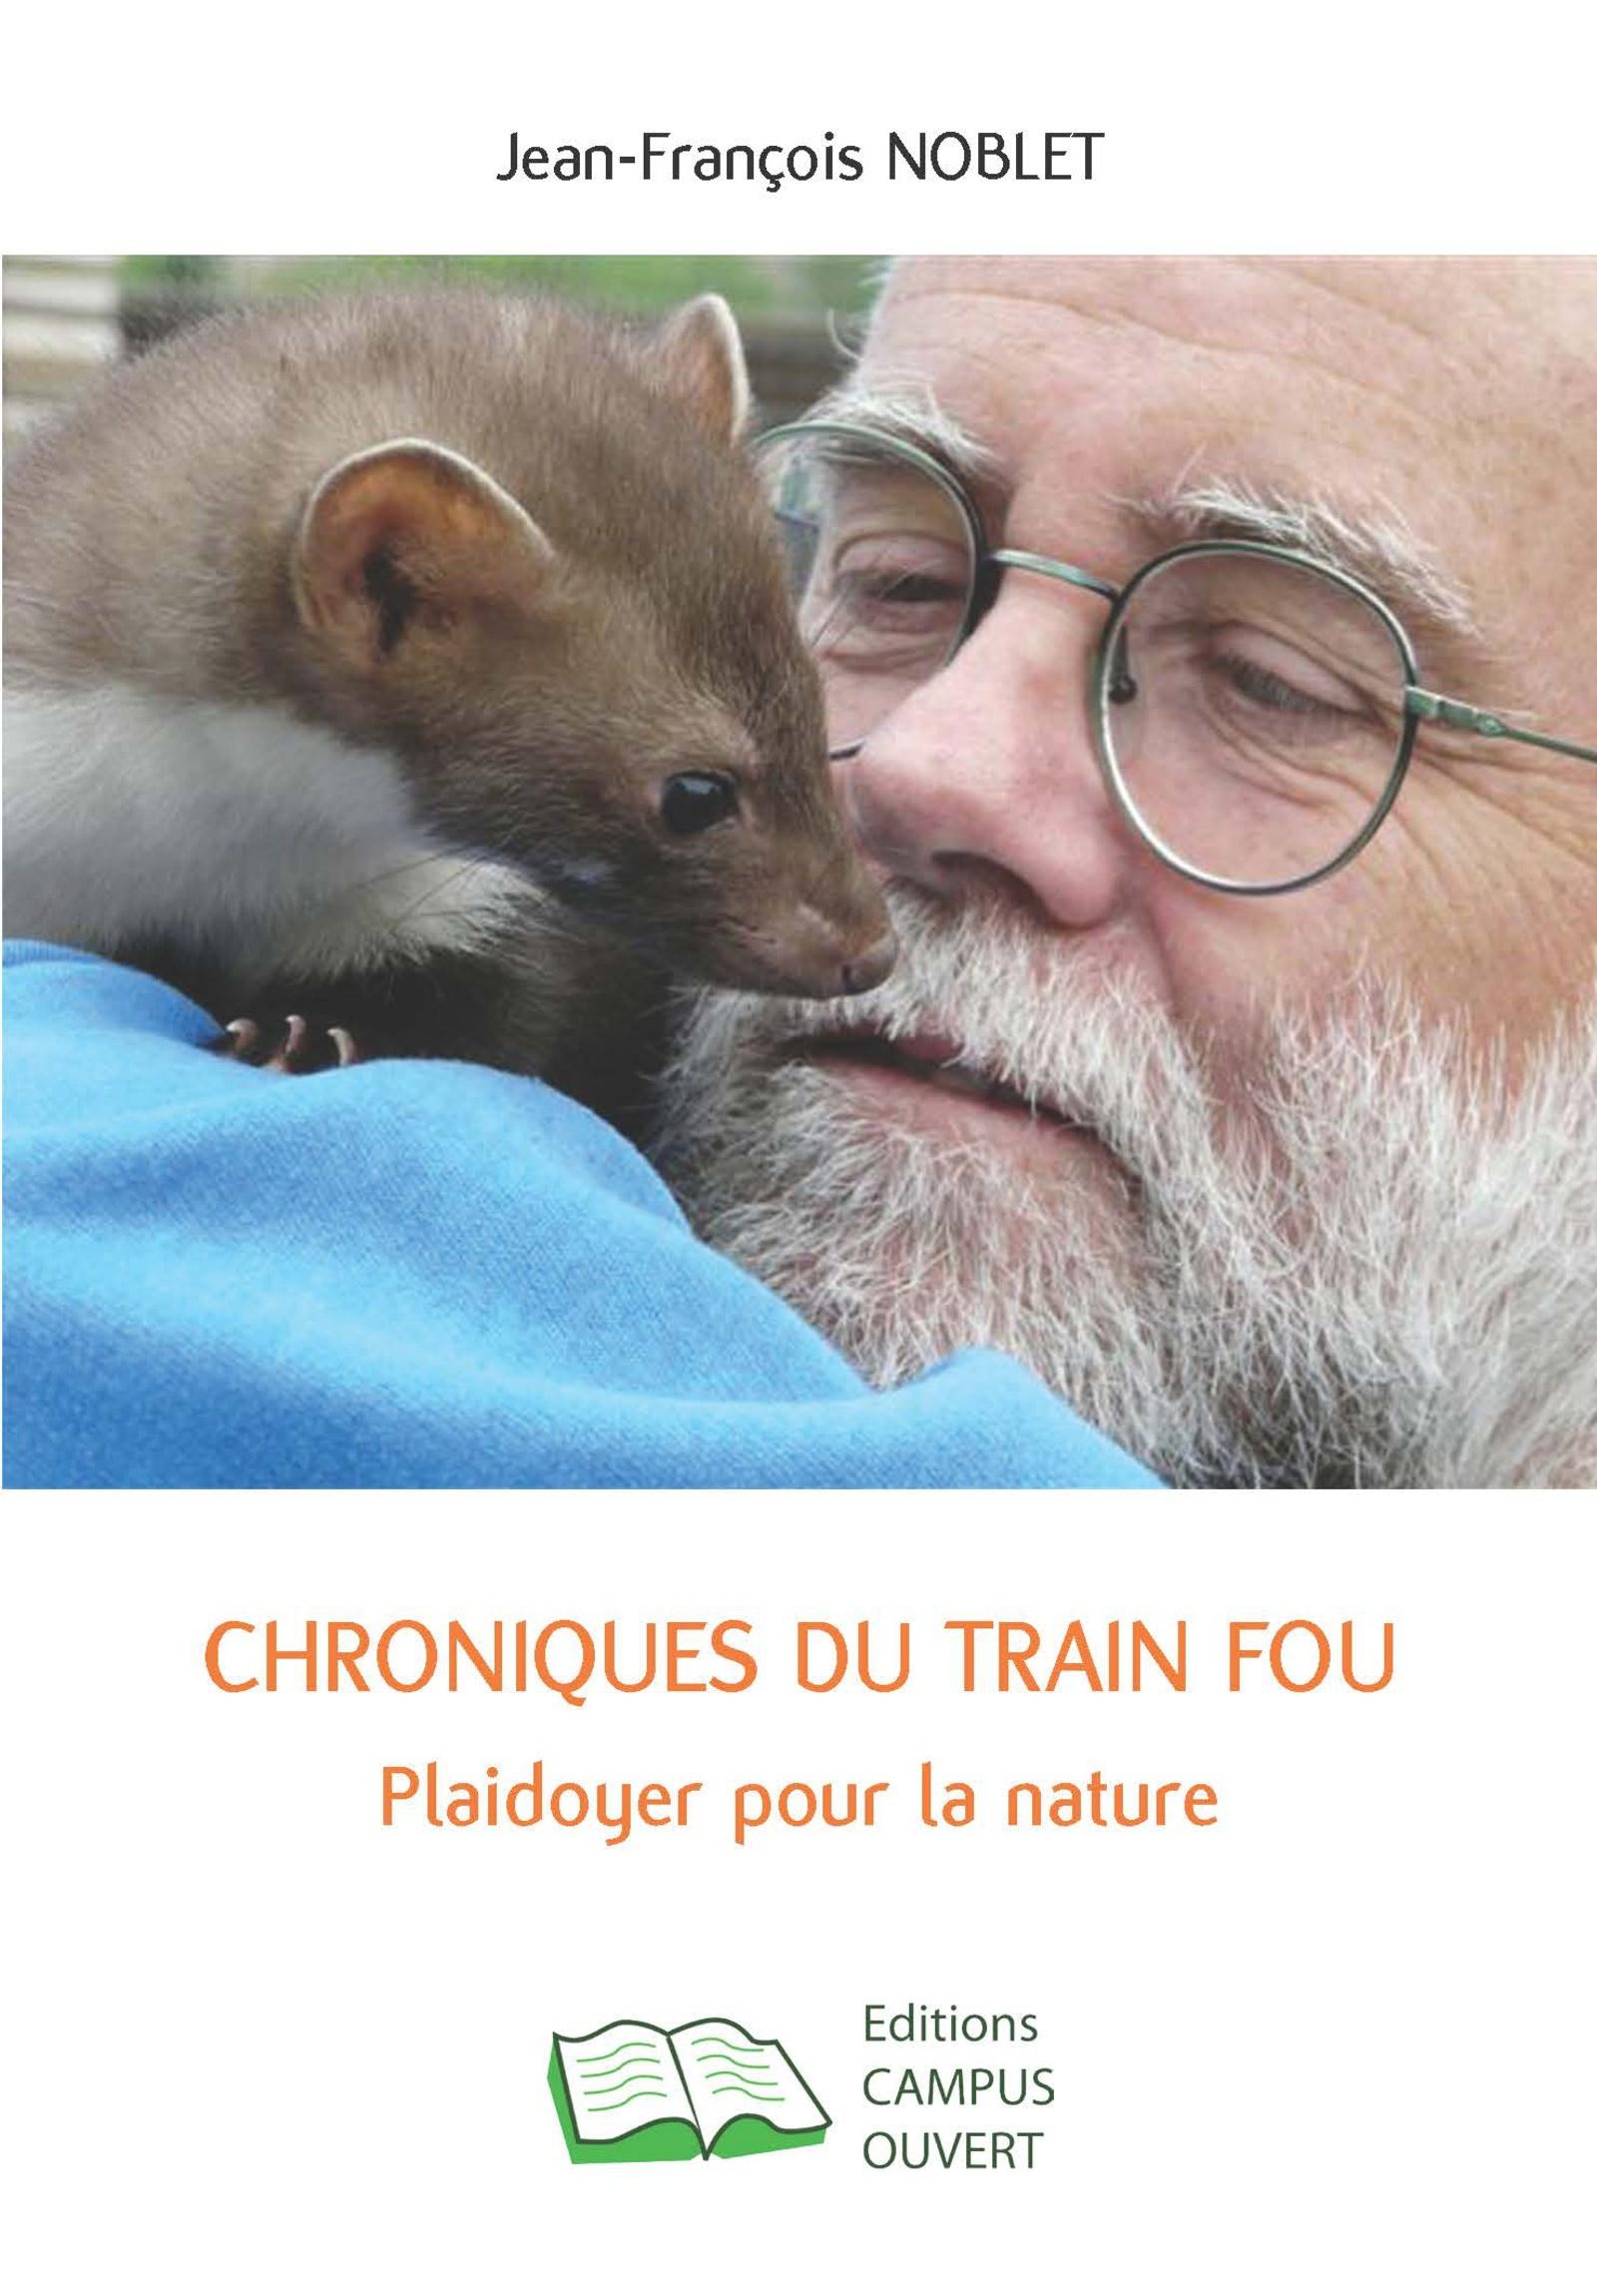 CHRONIQUES DU TRAIN FOU - PLAIDOYER POUR LA NATURE